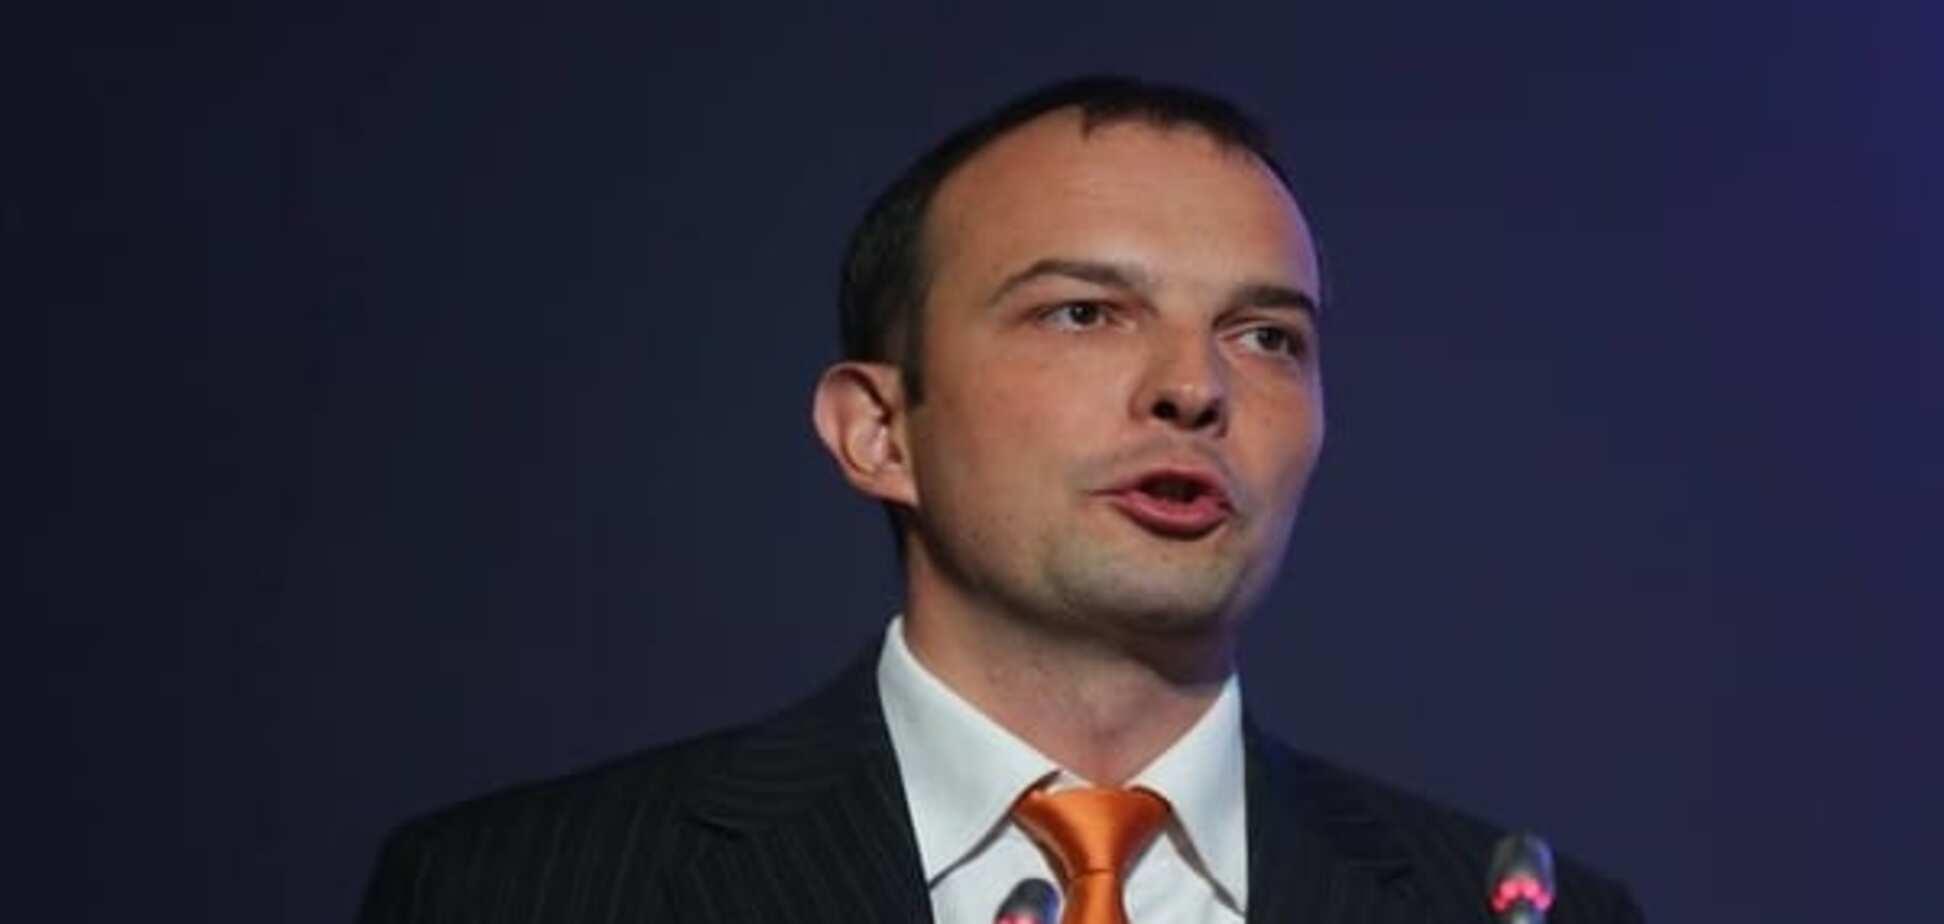 Соболев получил повестку на допрос в Генпрокуратуру